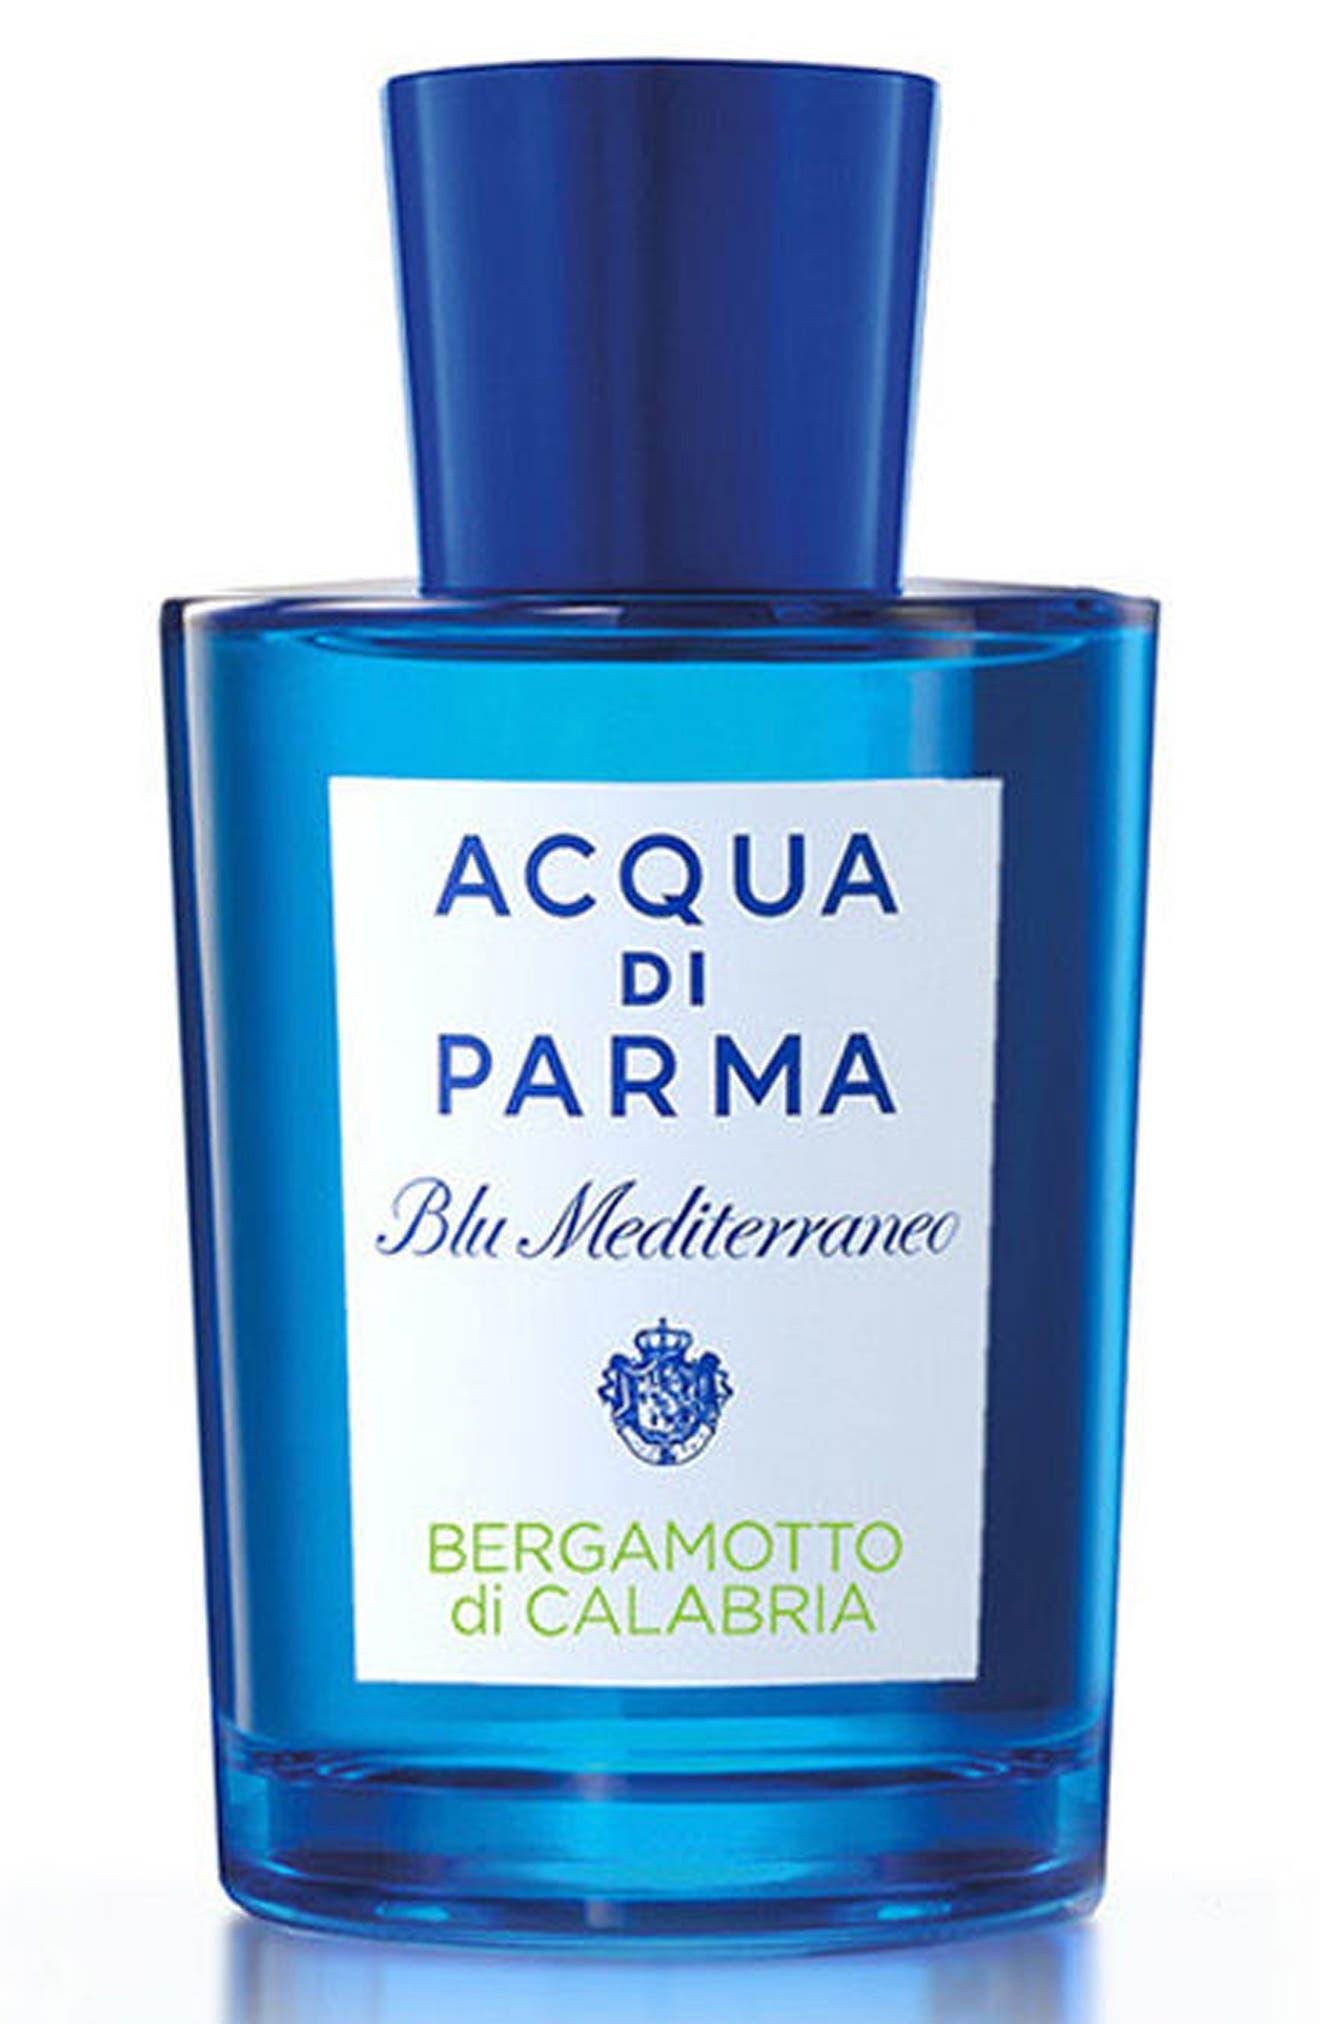 Acqua di Parma 'Blu Mediterraneo' Bergamotto di Calabria Eau de Toilette Spray